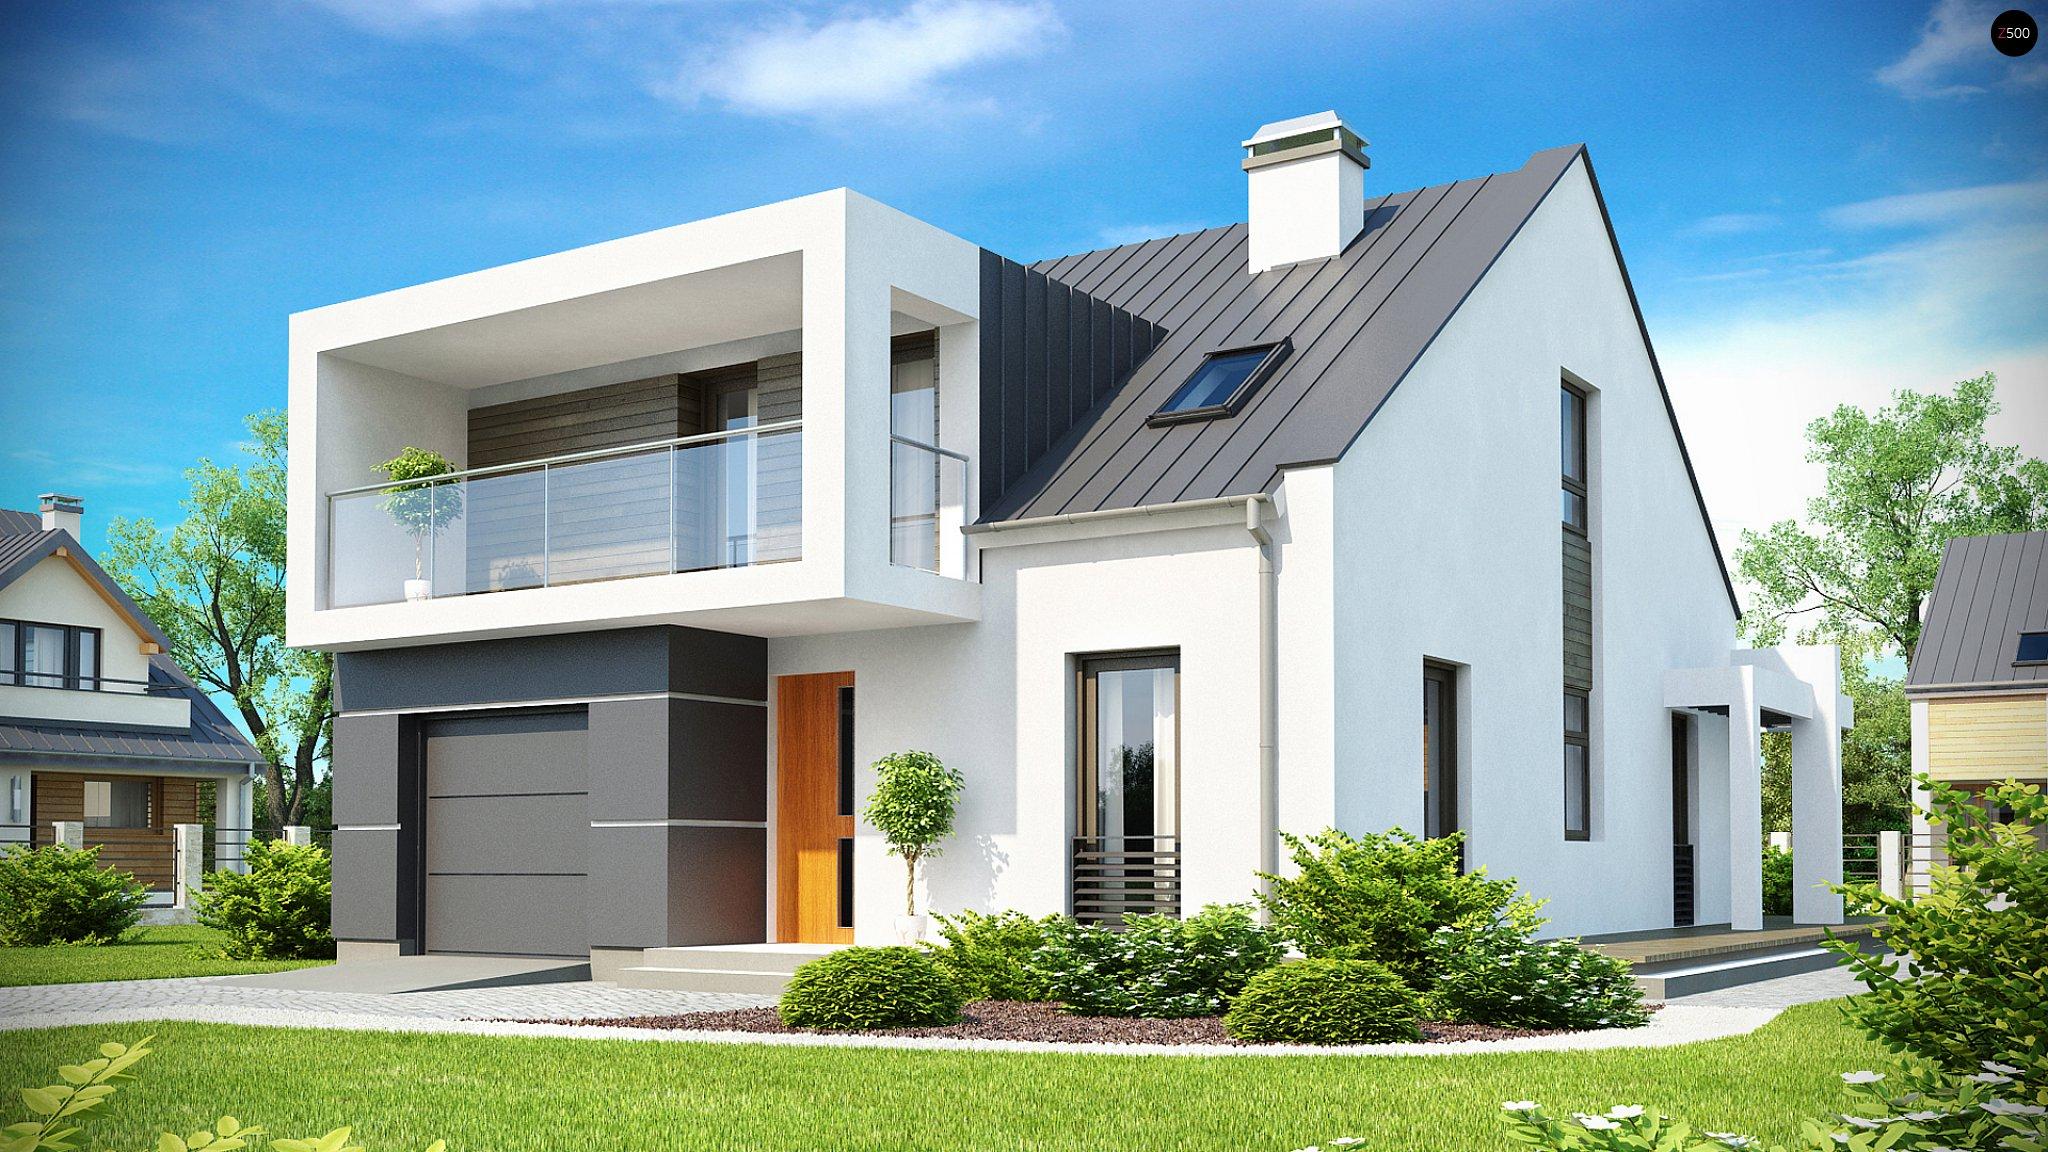 Данный прекрасный большой загородный дом для постоянного проживания семьи из человек, станет идеальным пристроенный гараж пристроенный гараж.